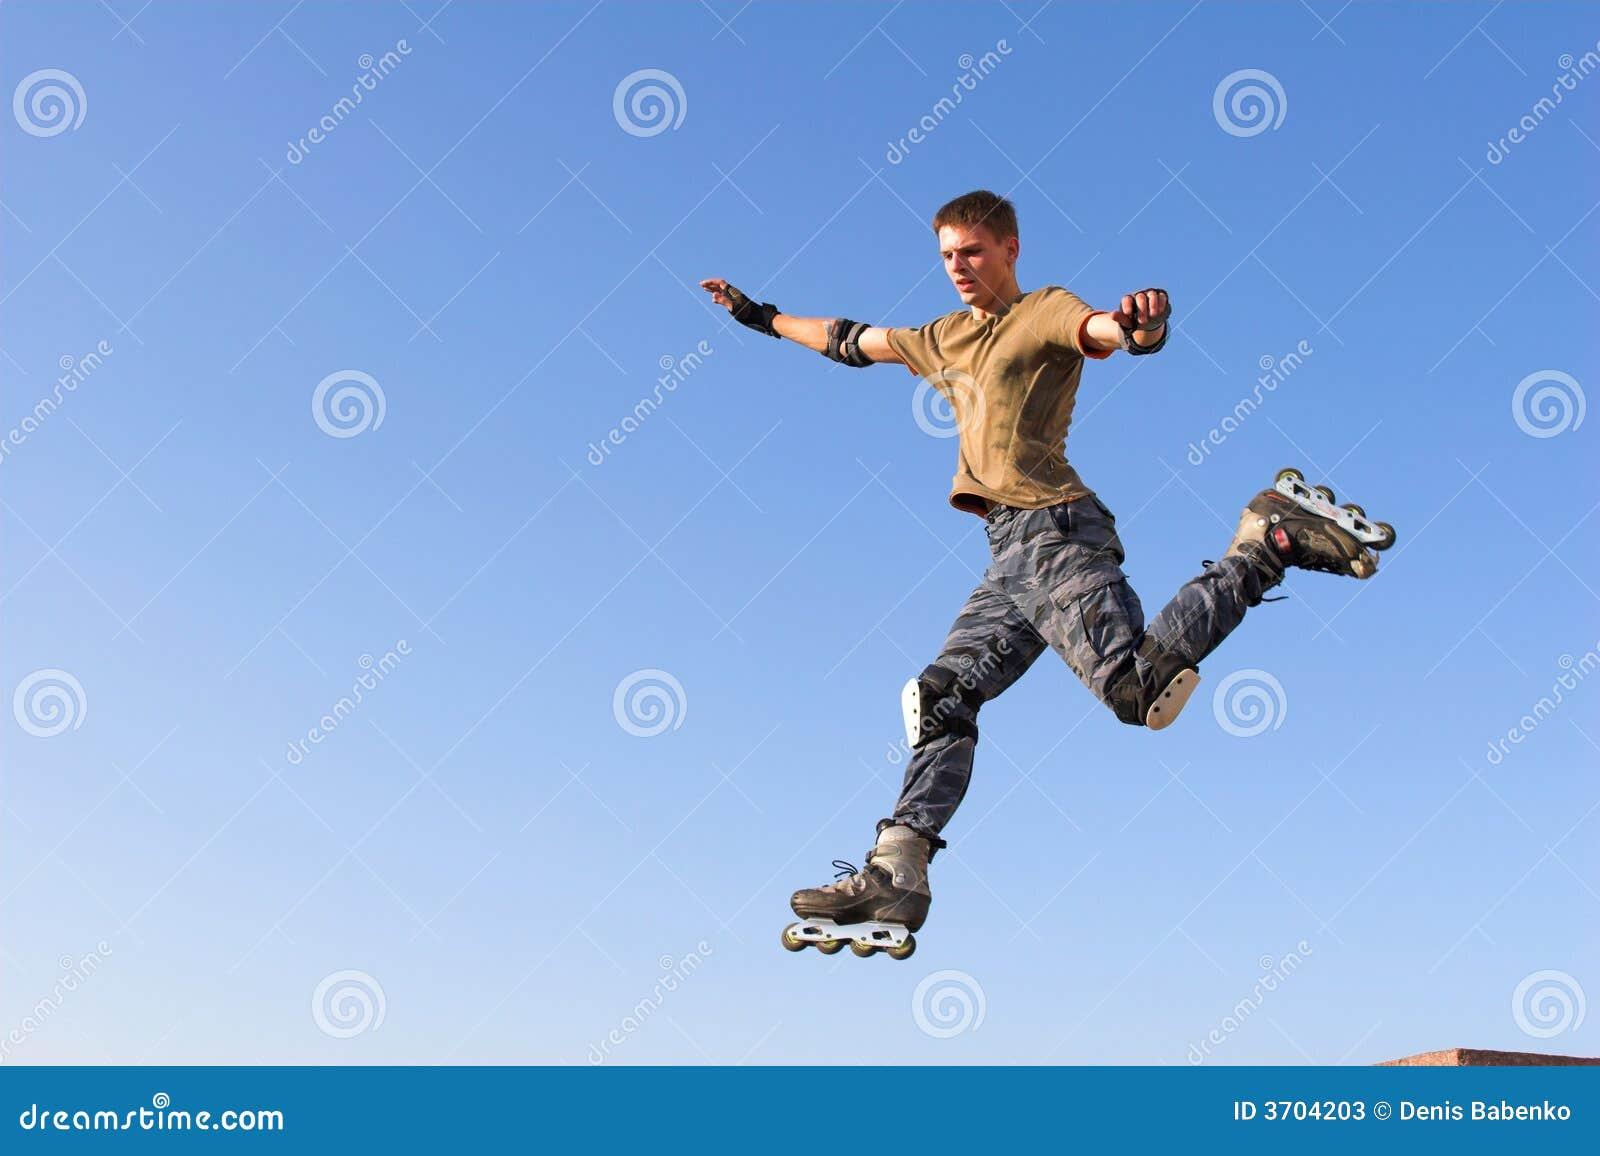 穿蓝衣的男孩跳的栏杆路辗天空